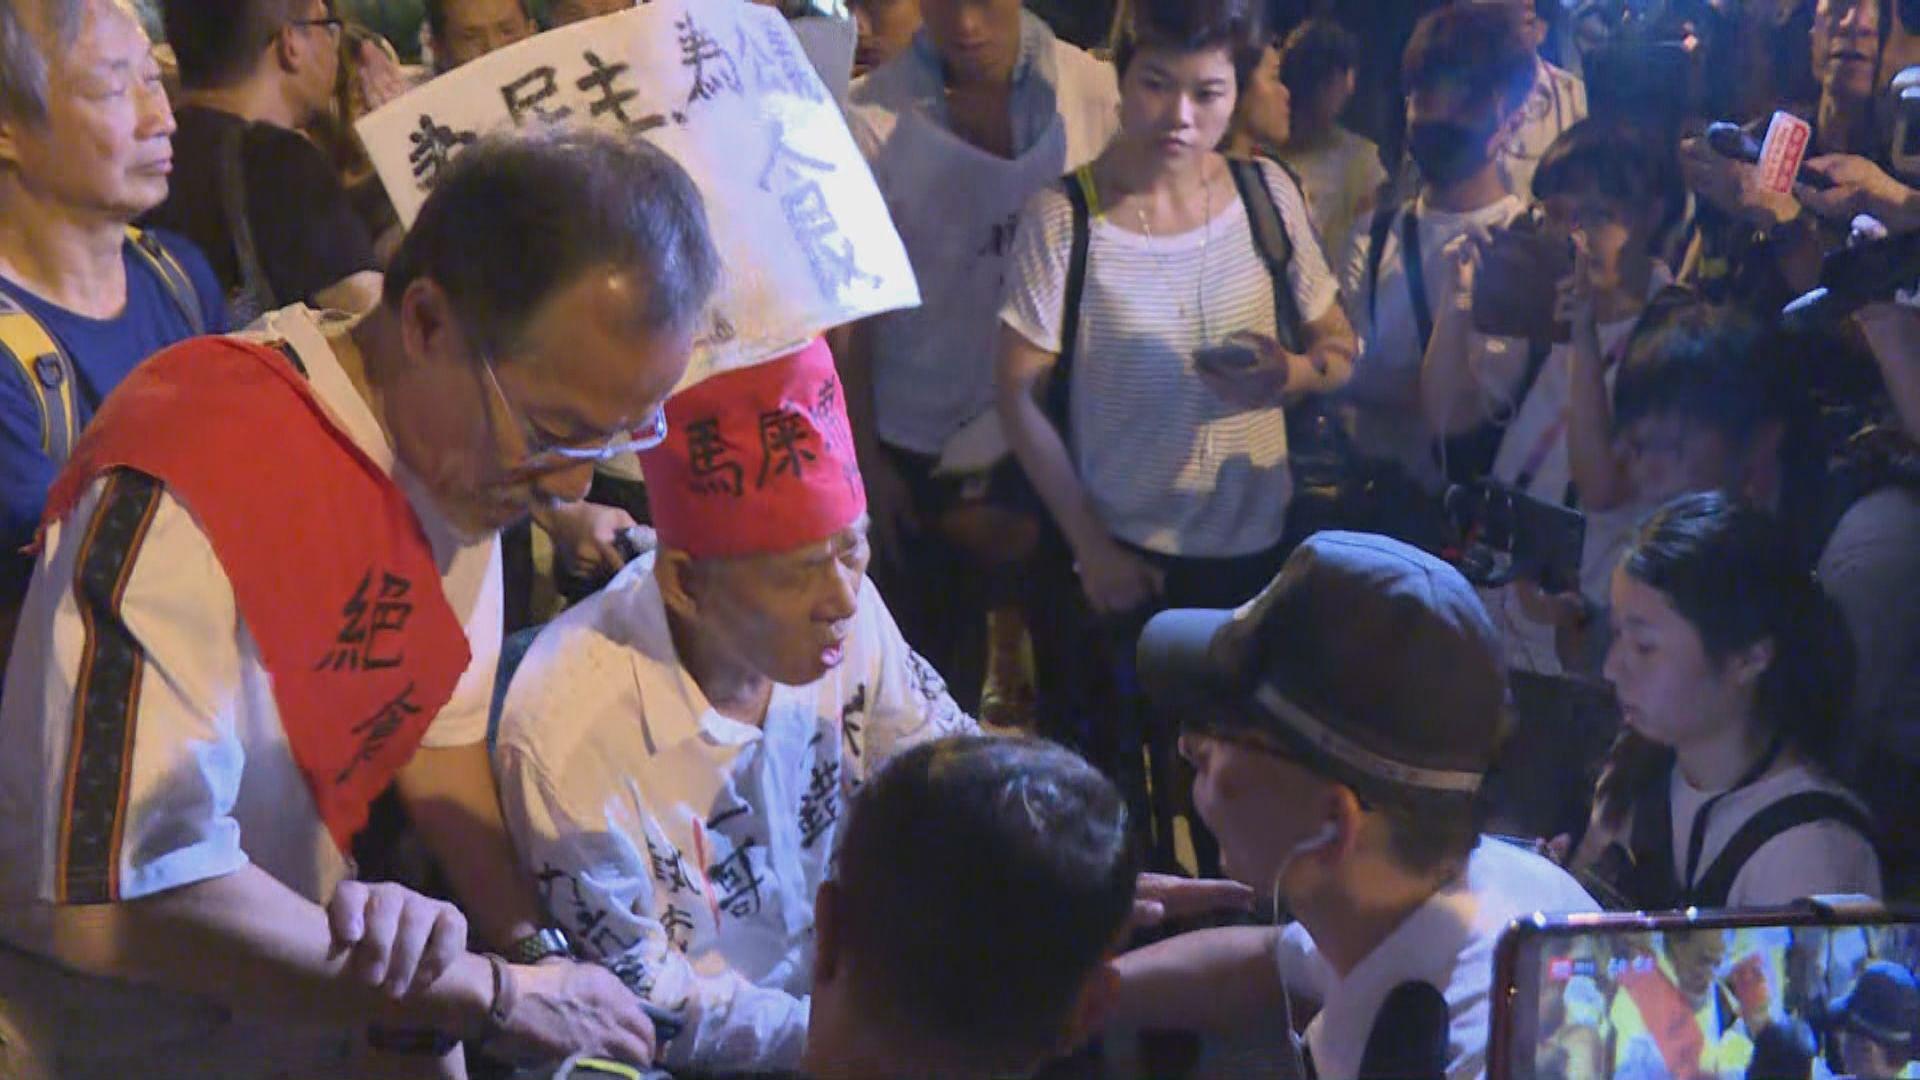 反修例絕食人士遊行 要求到禮賓府正門示威